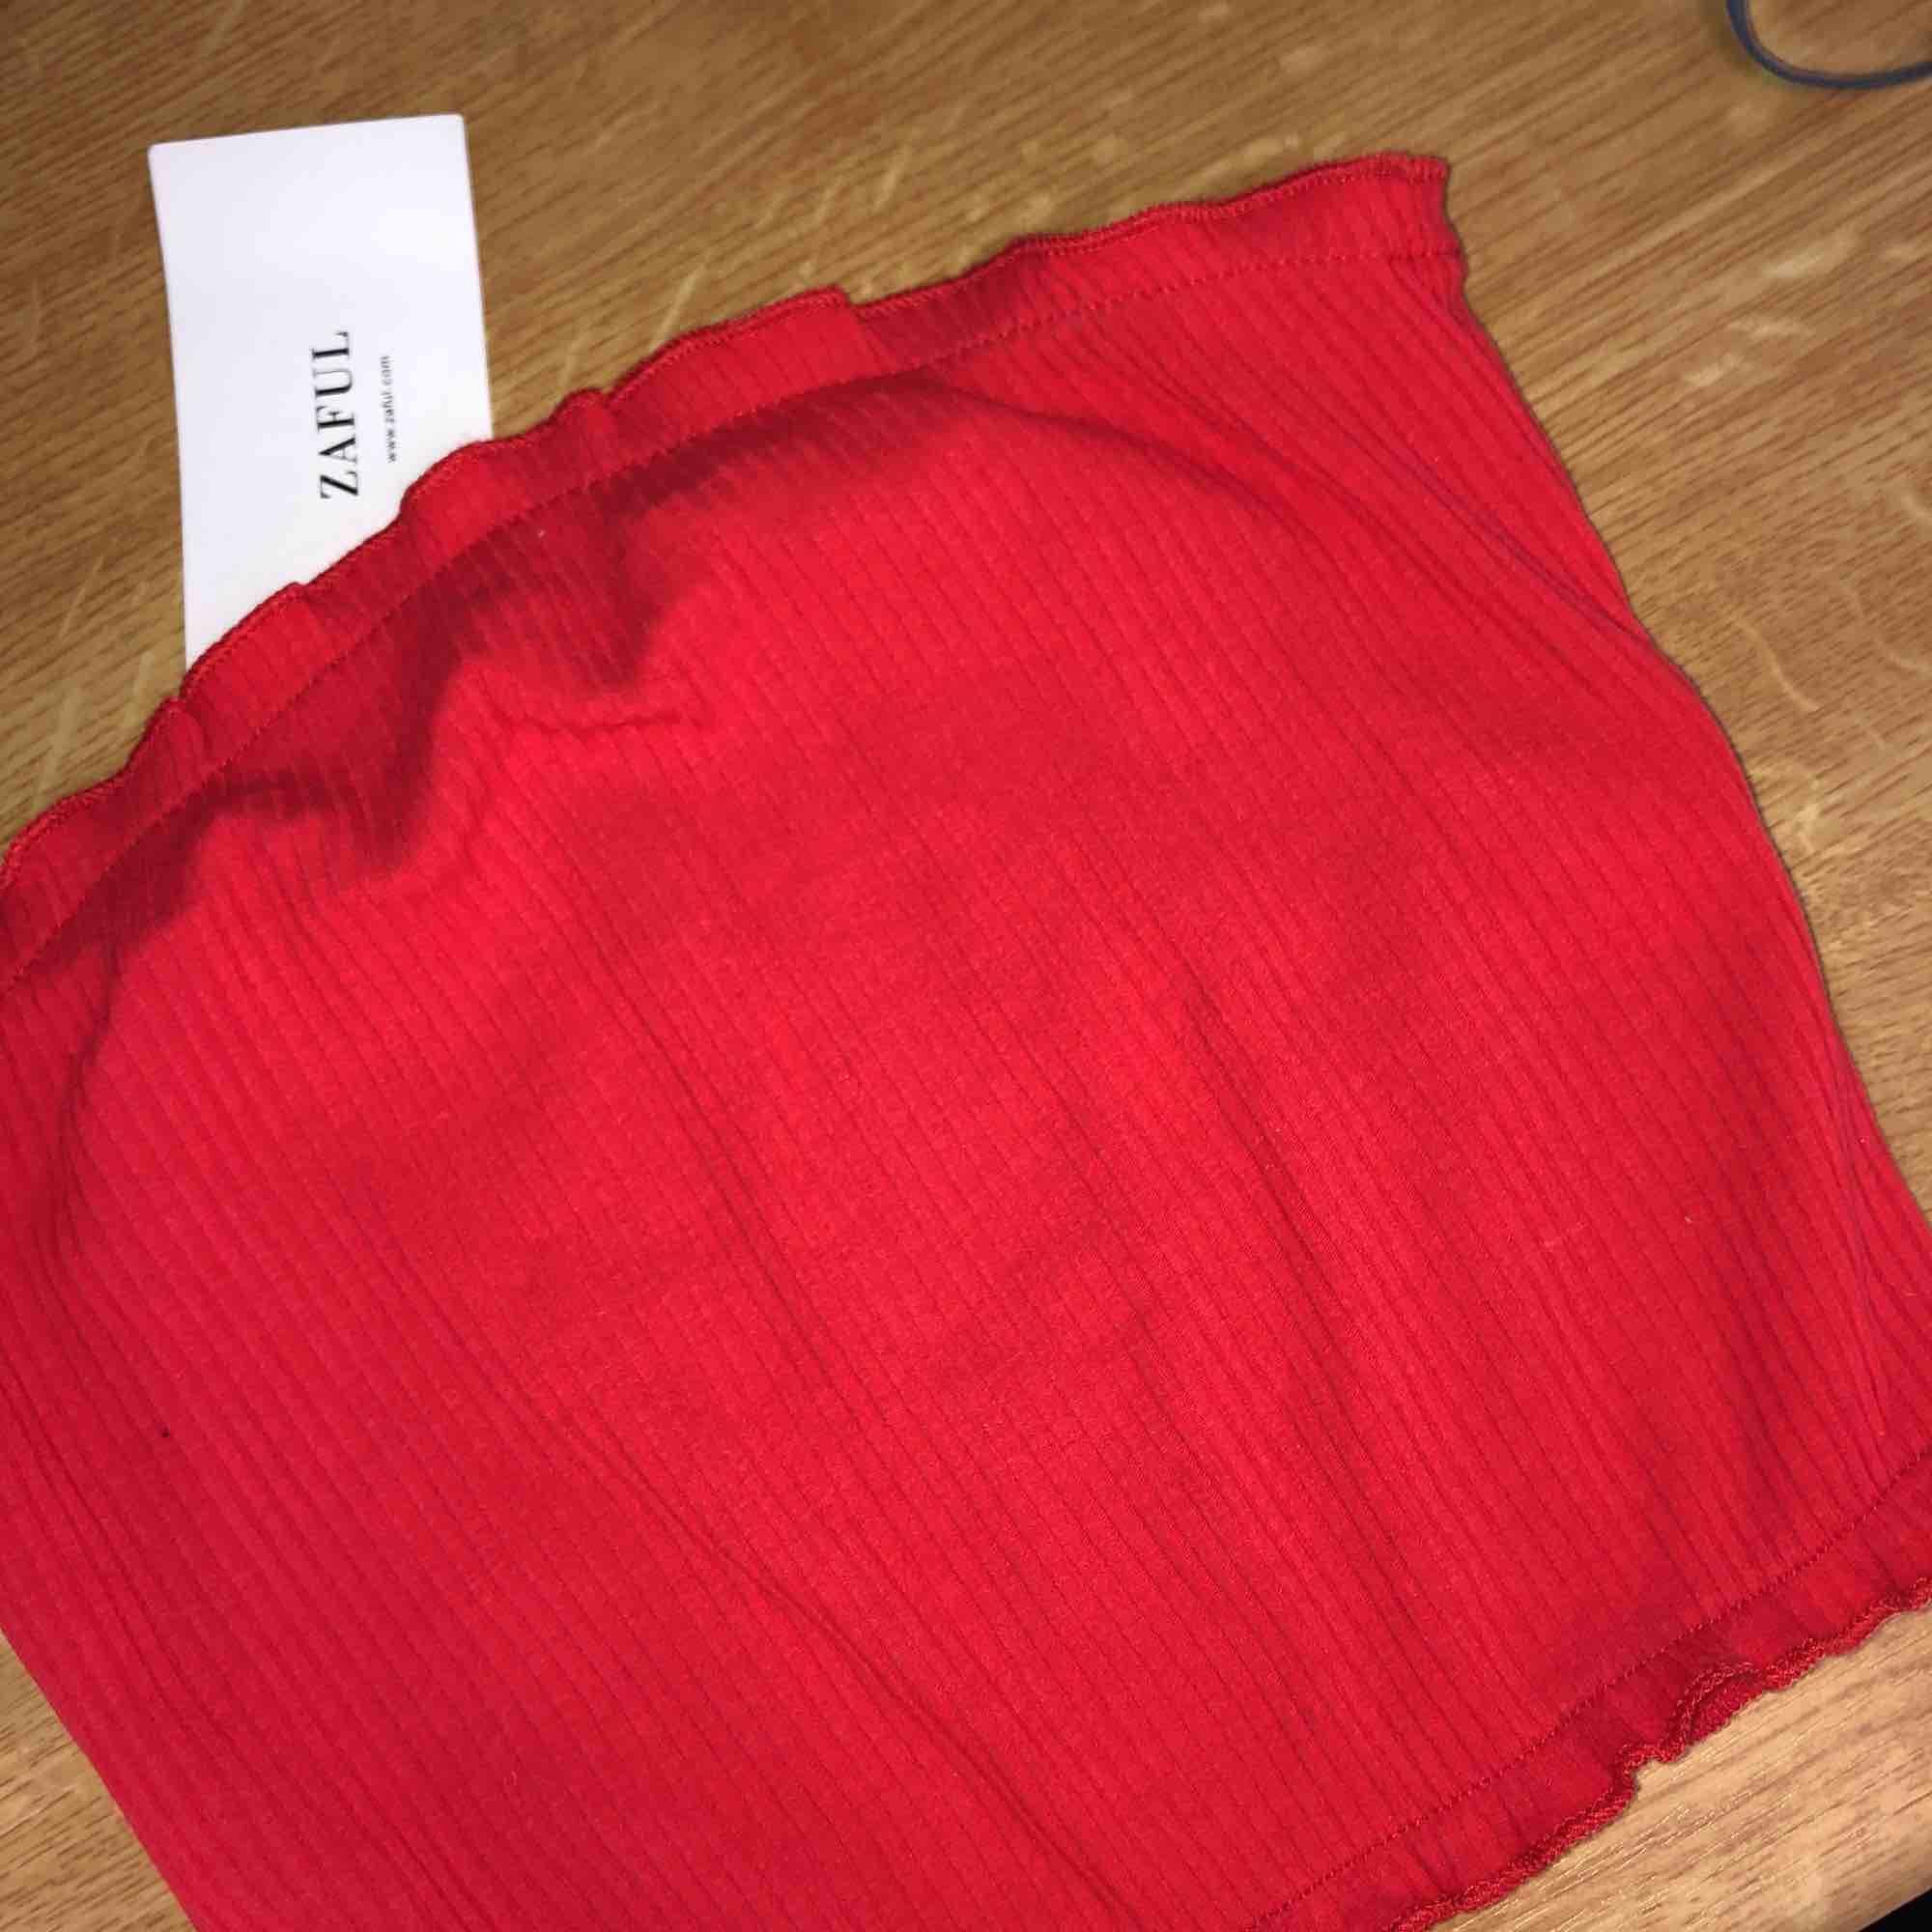 Jätte gullig fin röd topp utan band från zaful, helt oanvänd med lappen kvar! Storlek S . Toppar.